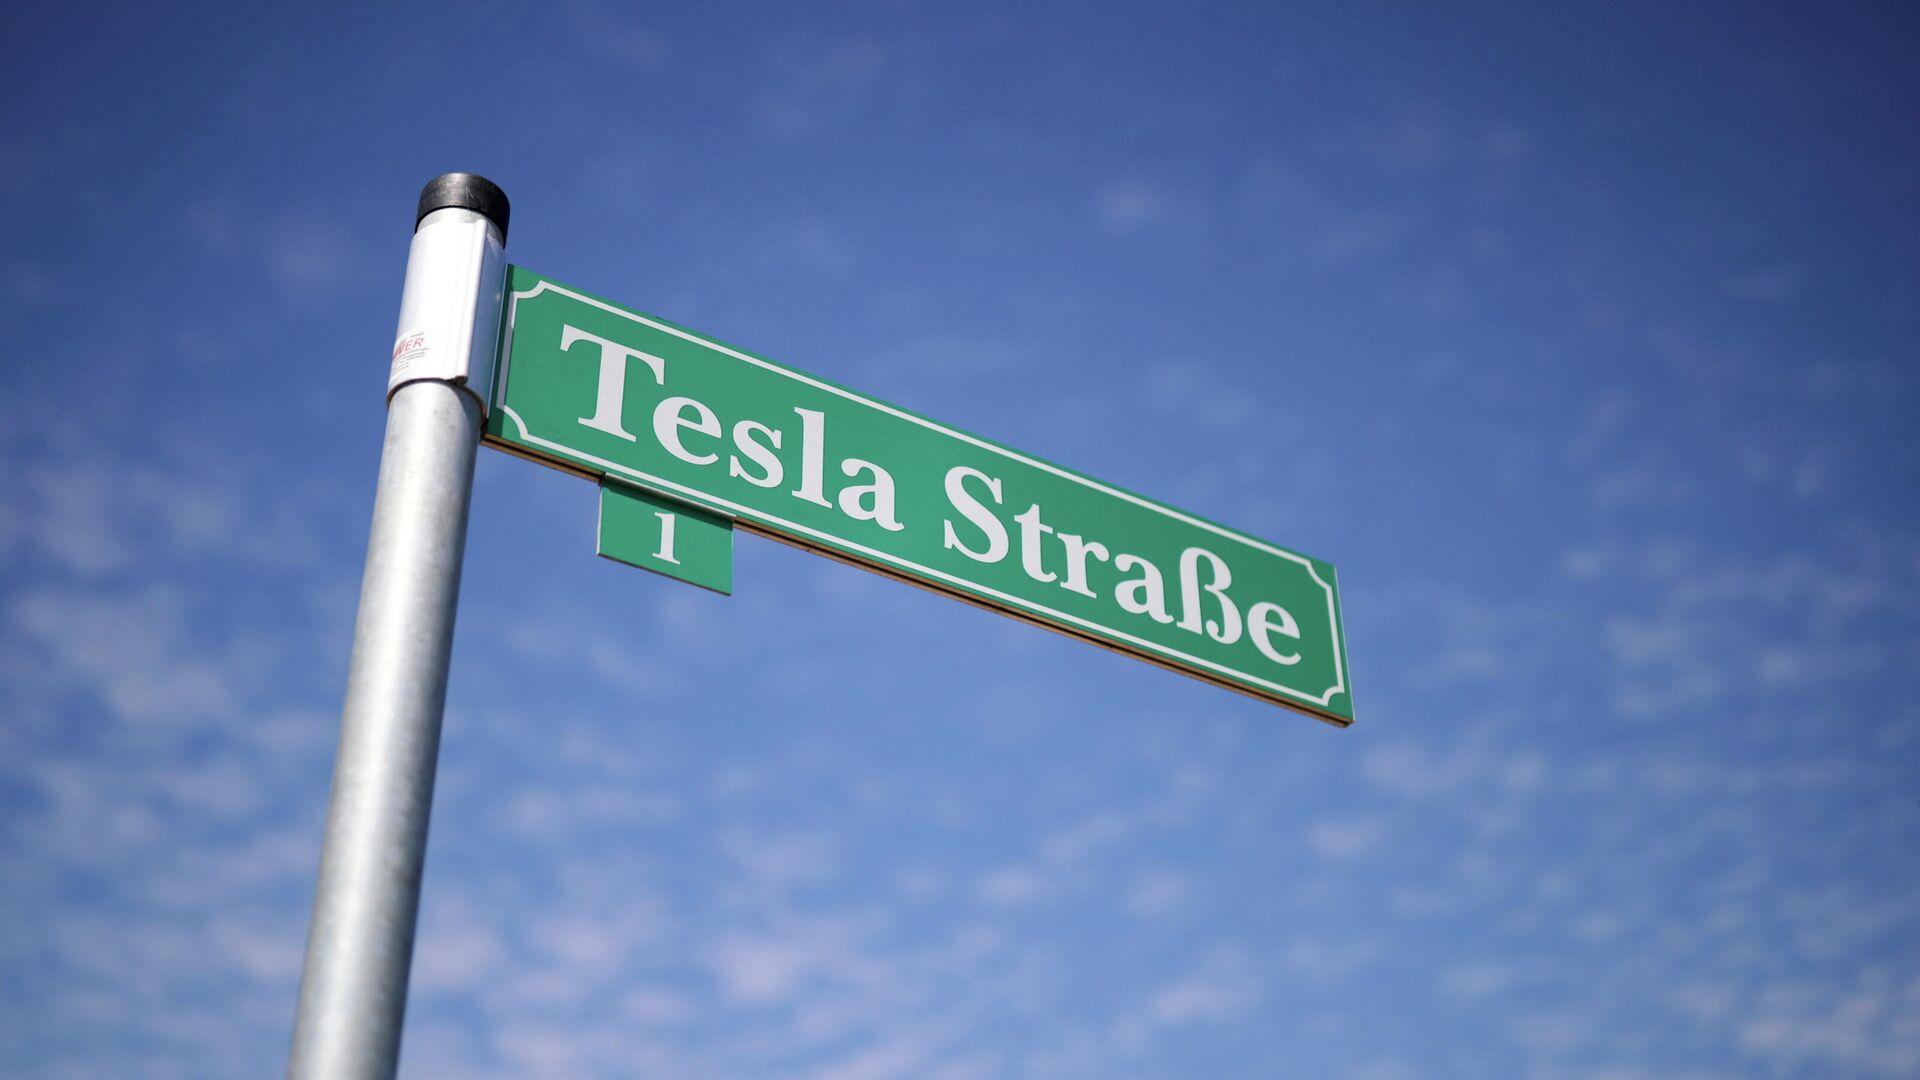 Eingang zur Baustelle einer Tesla-Fabrik in Grünheide - SNA, 1920, 14.10.2021